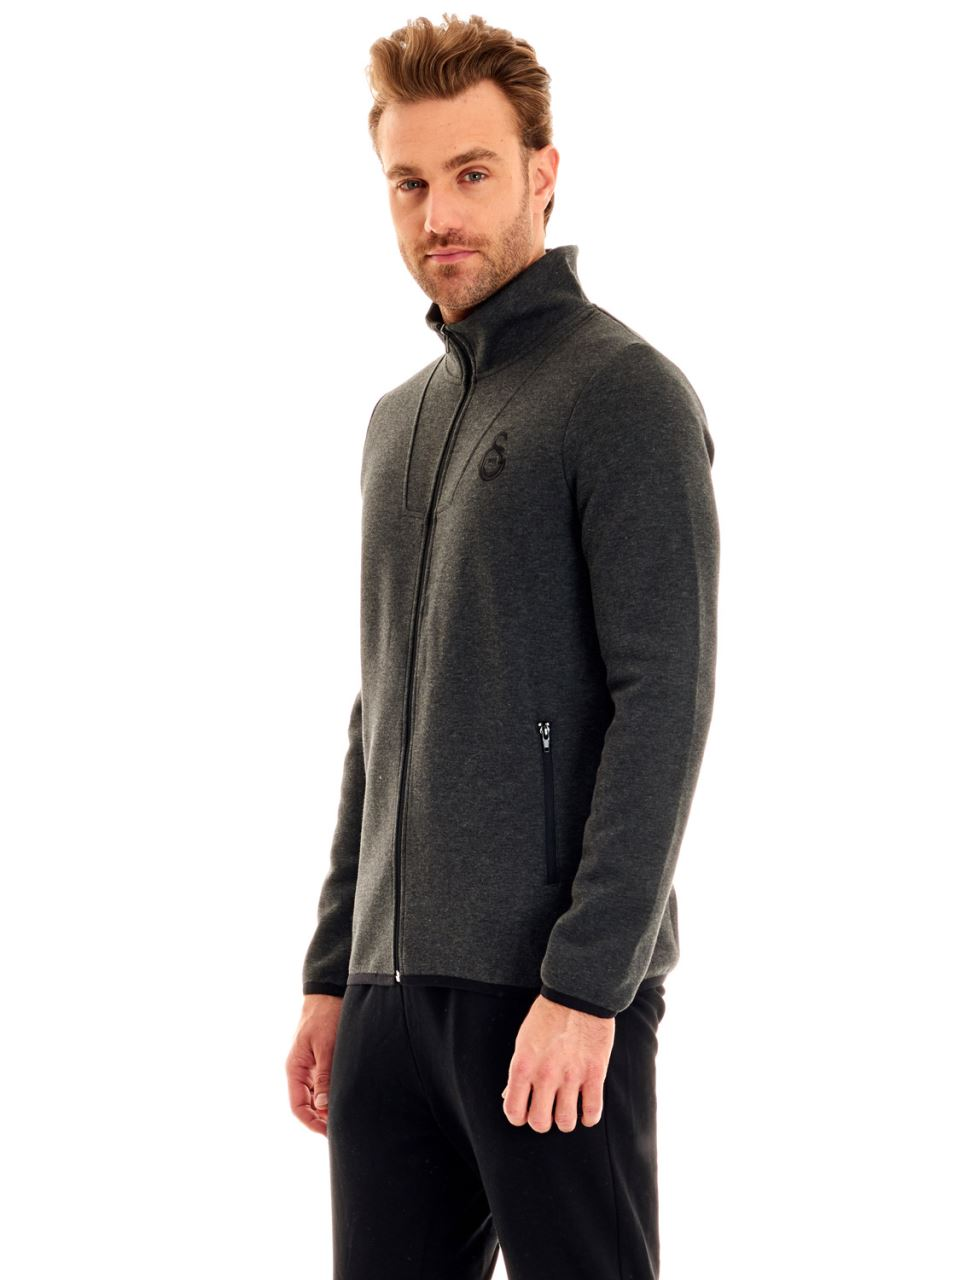 E95110 Sweatshirt